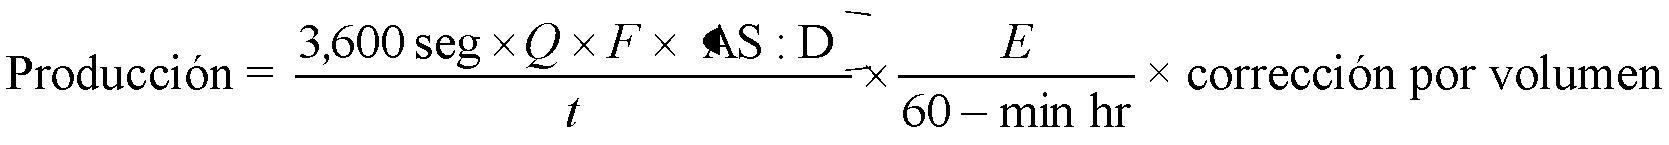 03 excavadoras hidraulicas - ecuacion 8.1